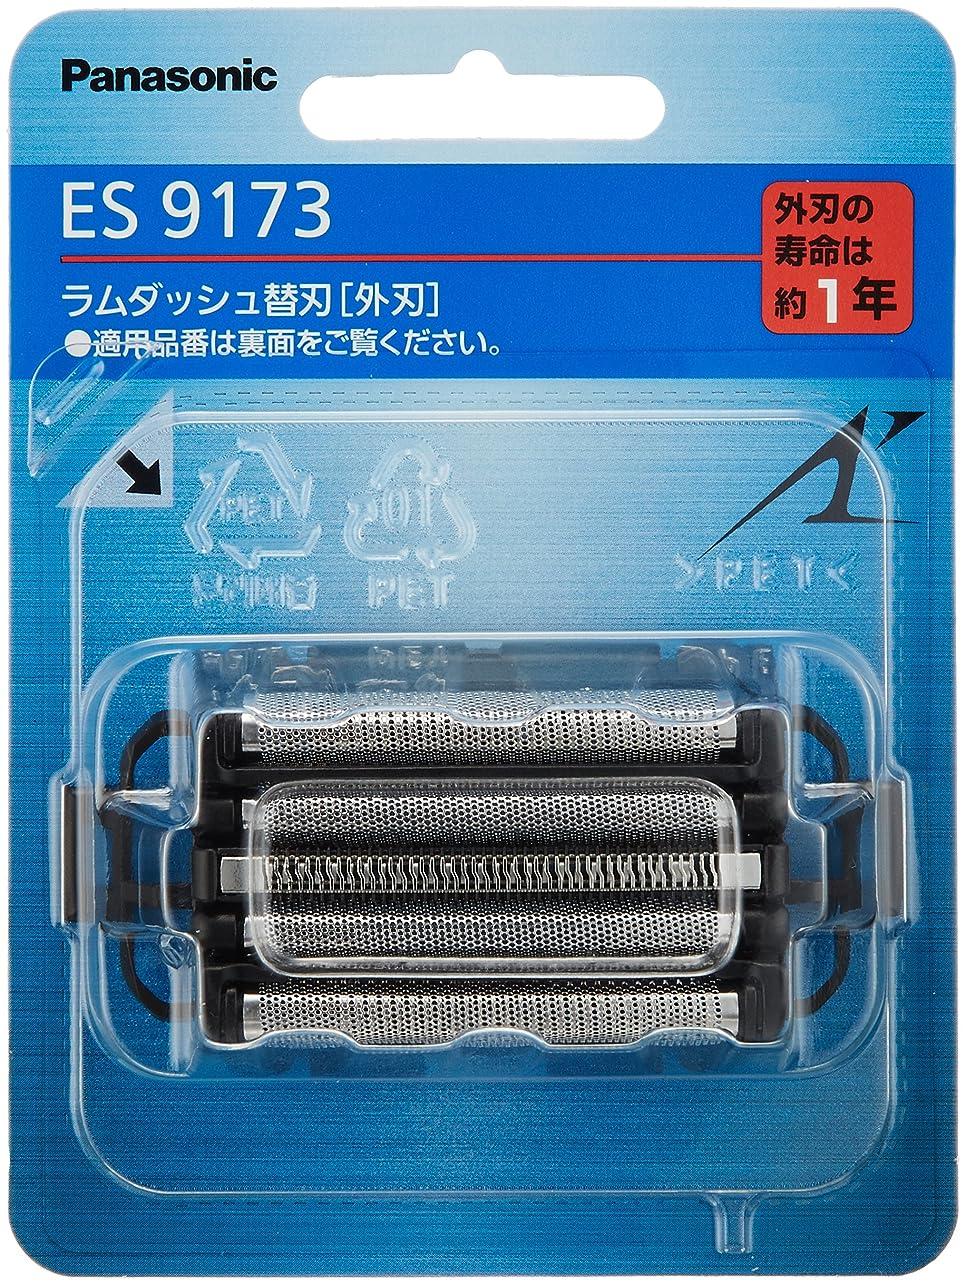 予知リンク取り壊すパナソニック 替刃 メンズシェーバー用 外刃 ES9173